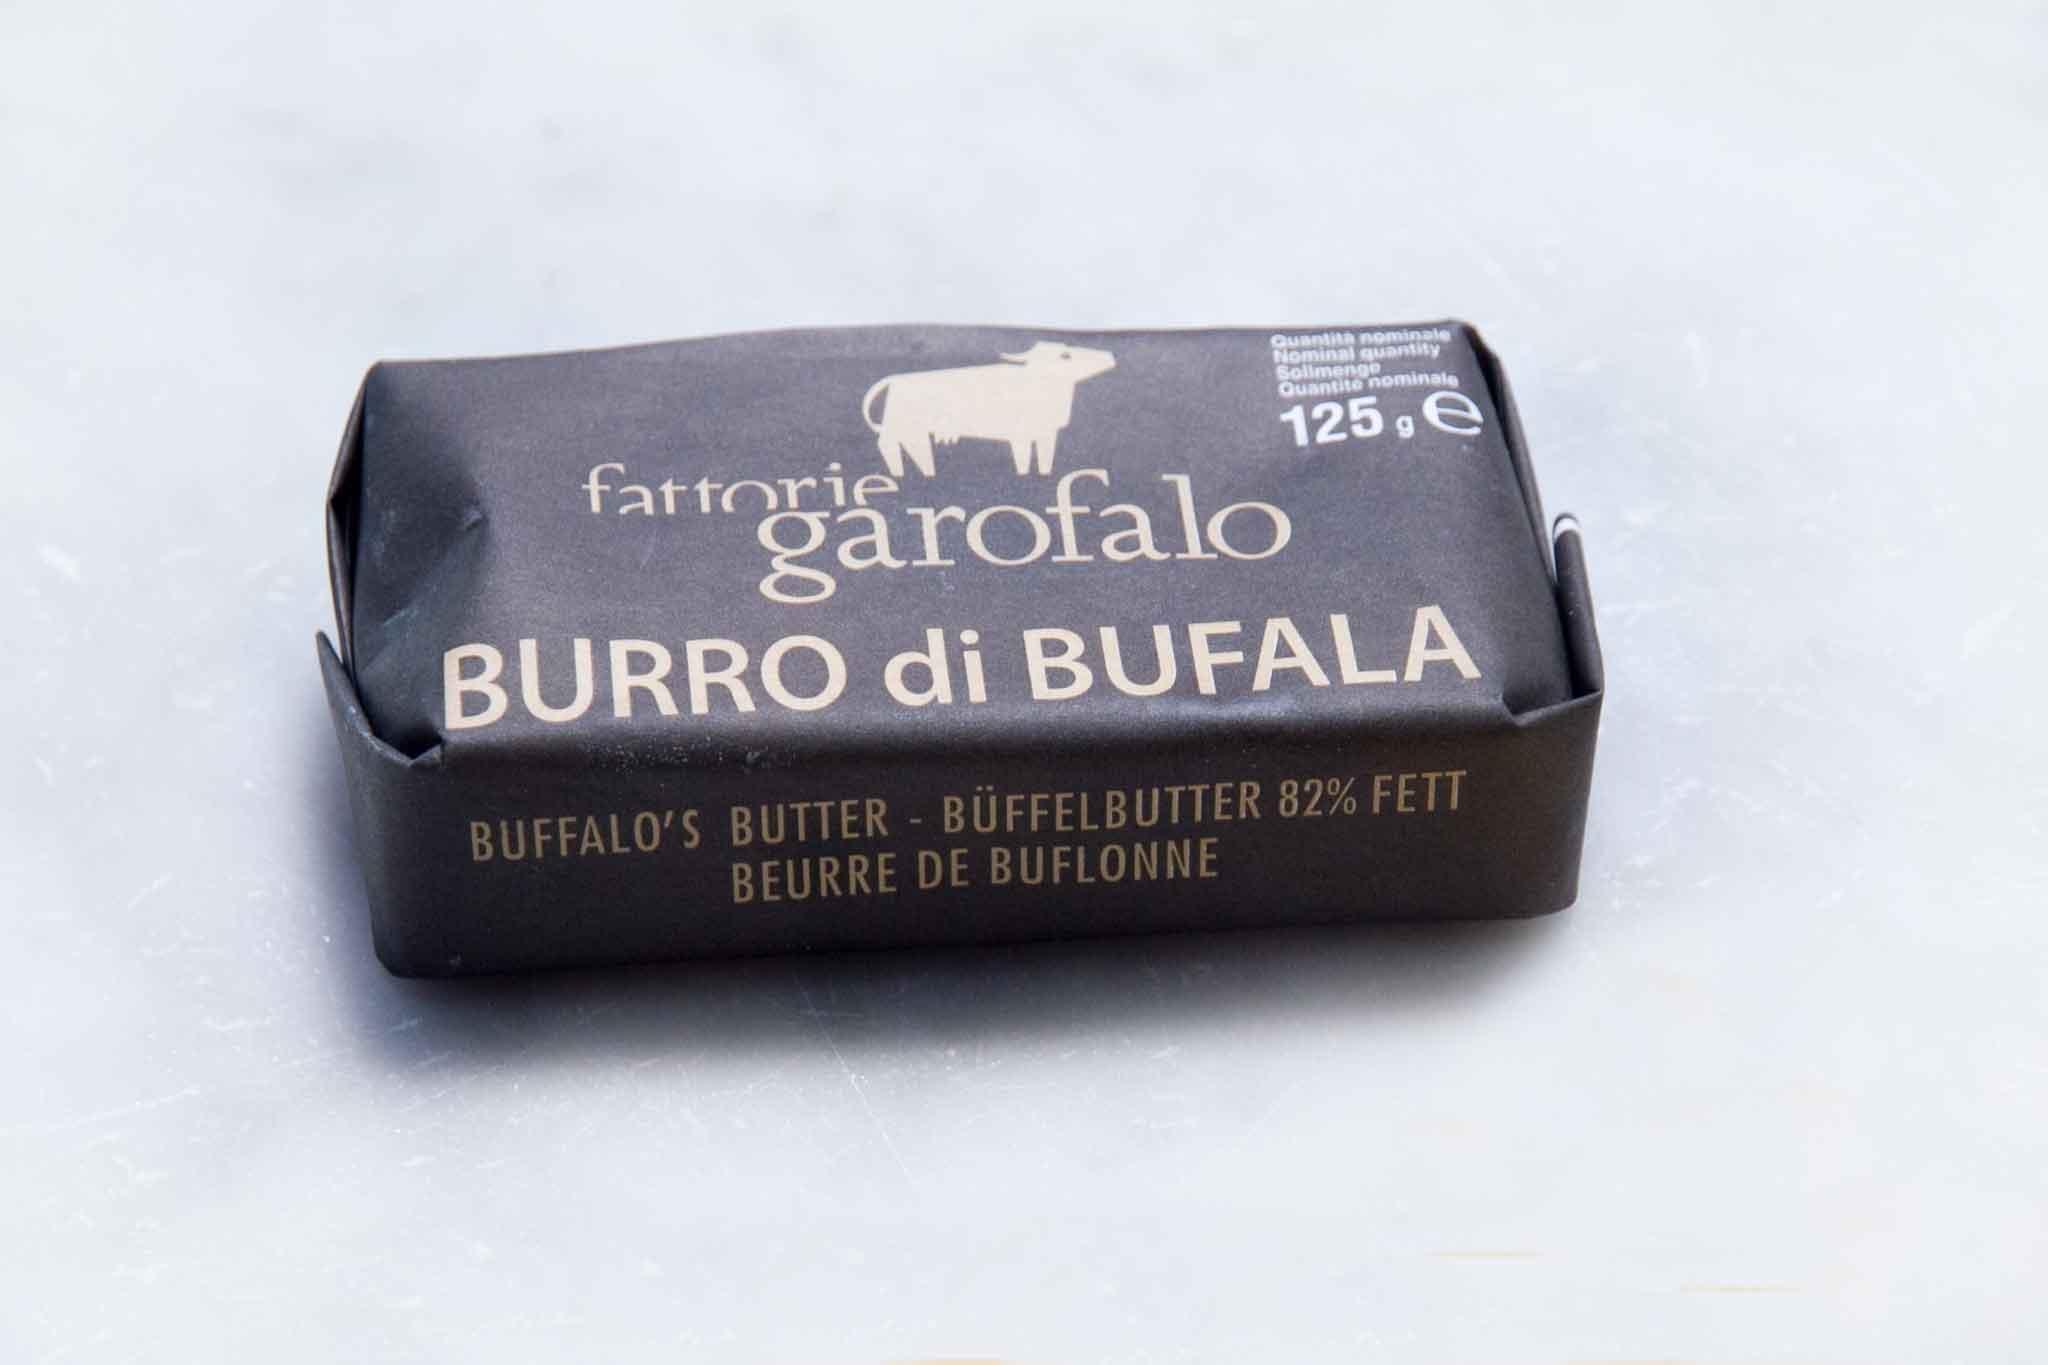 burro di bufala